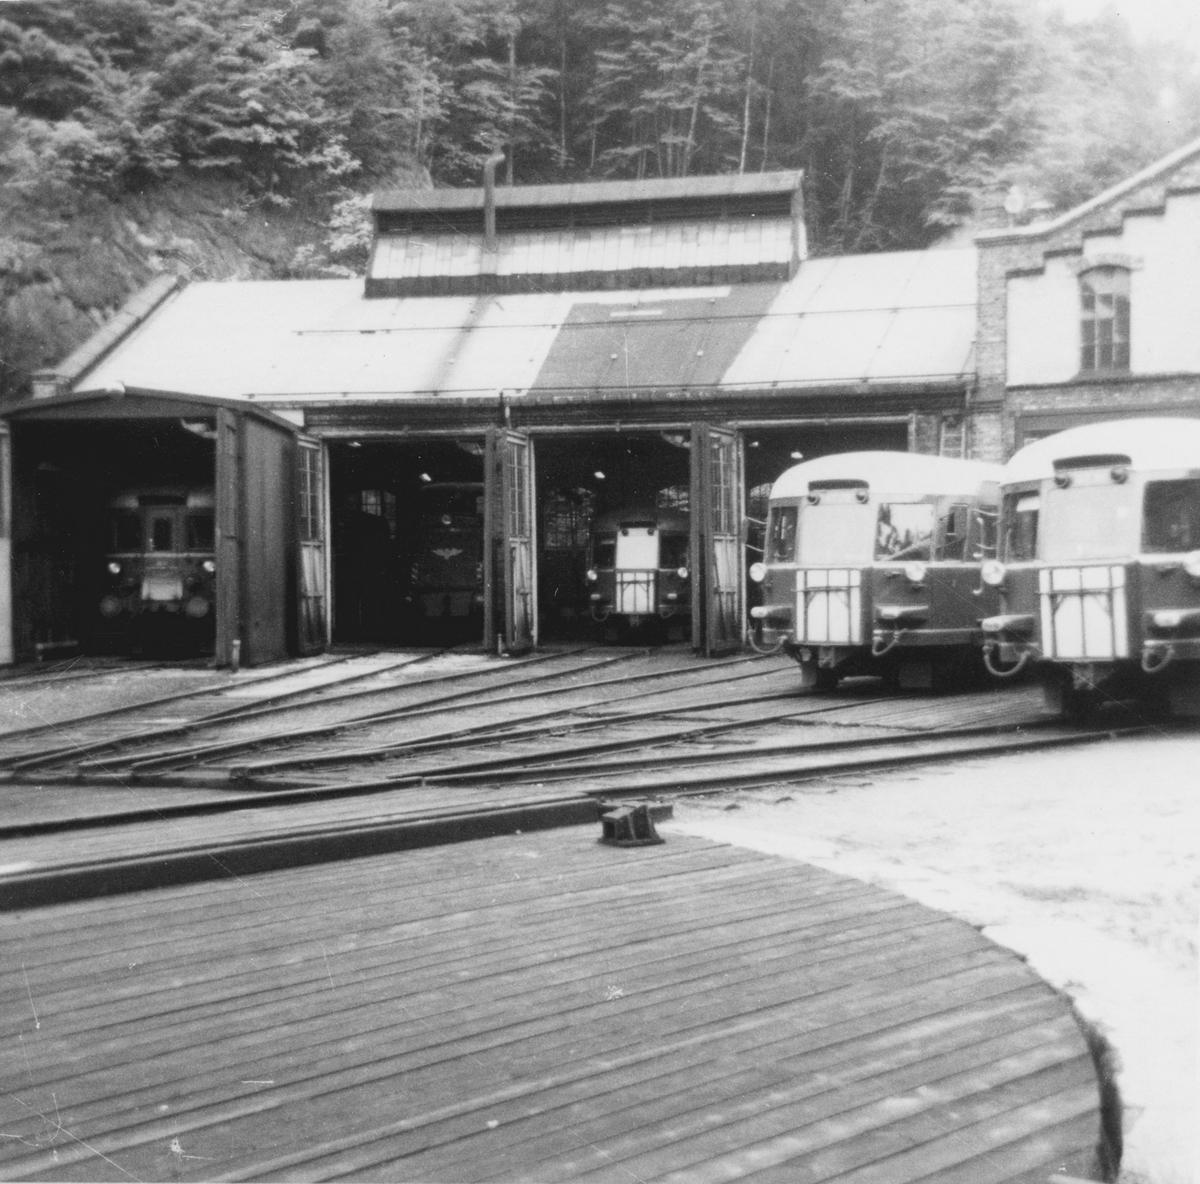 Lokstallen i Arendal. Fra høyre sees tre motorvogner type Bmdo 87, et diesellok type Di 2 samt en motorvogn type Bmdo 86.